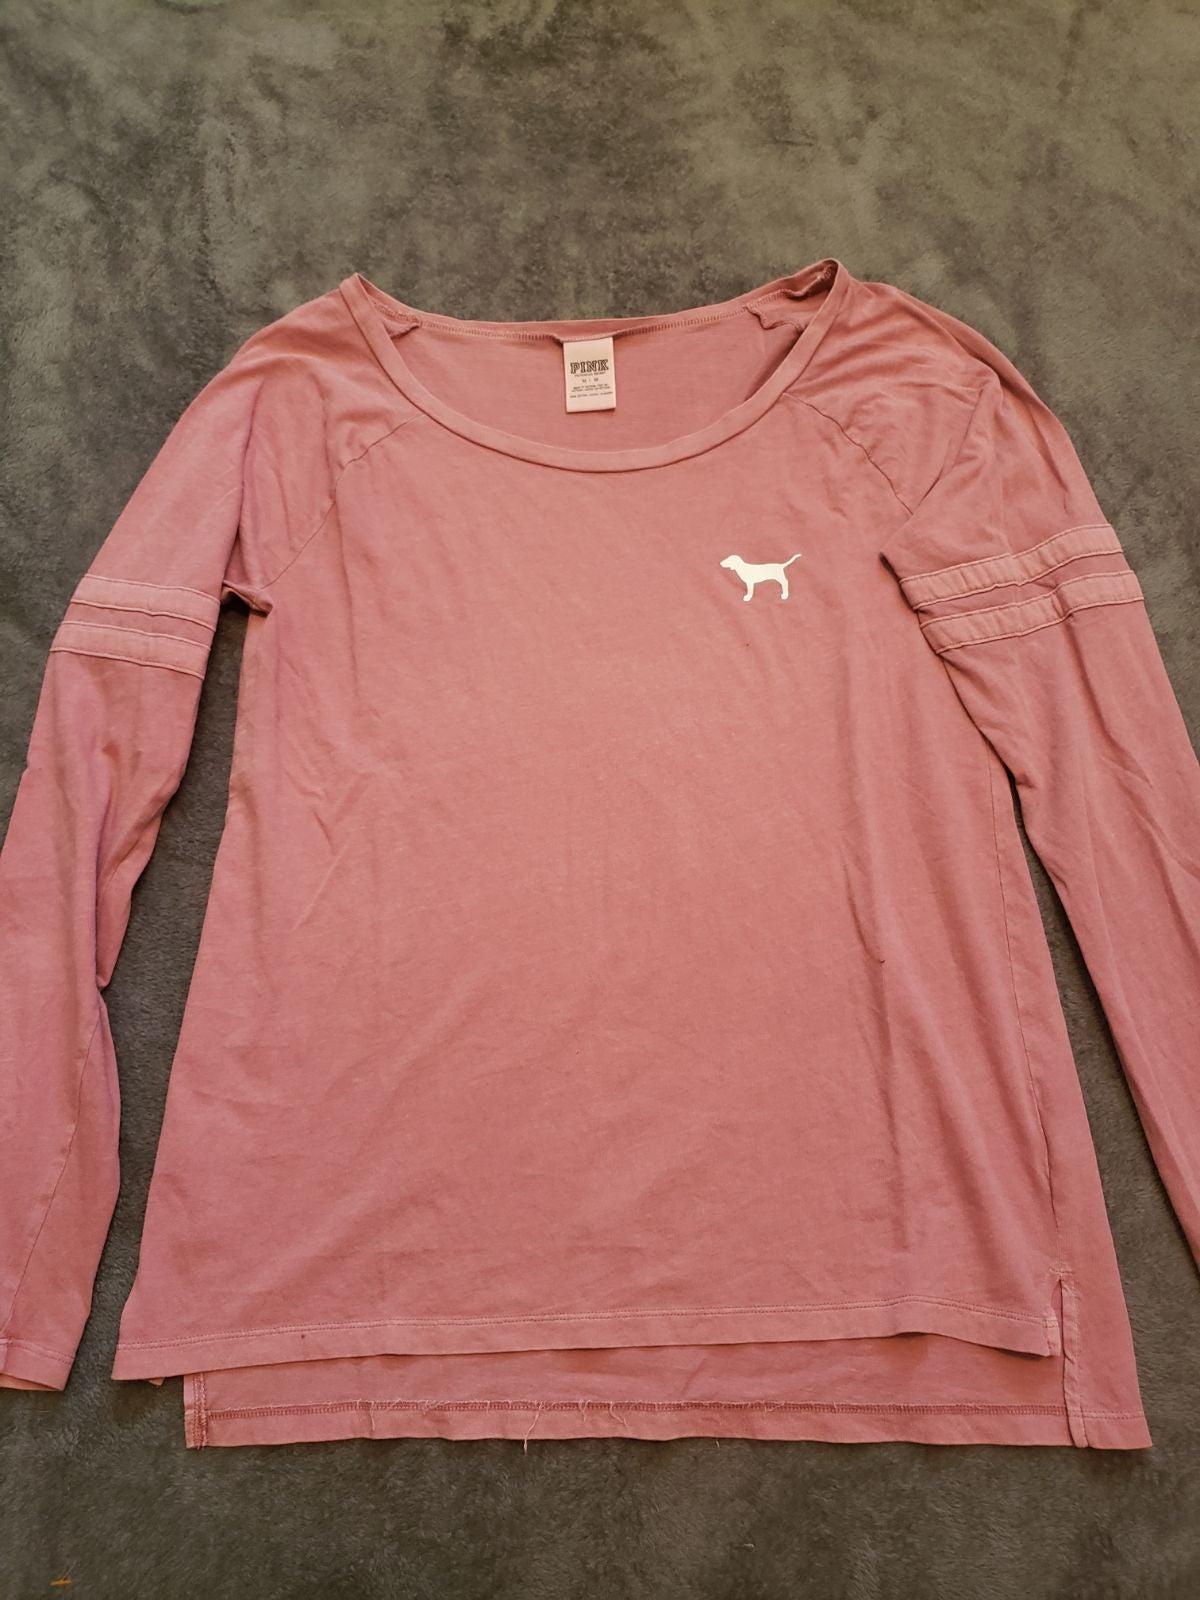 Pink longsleeve top